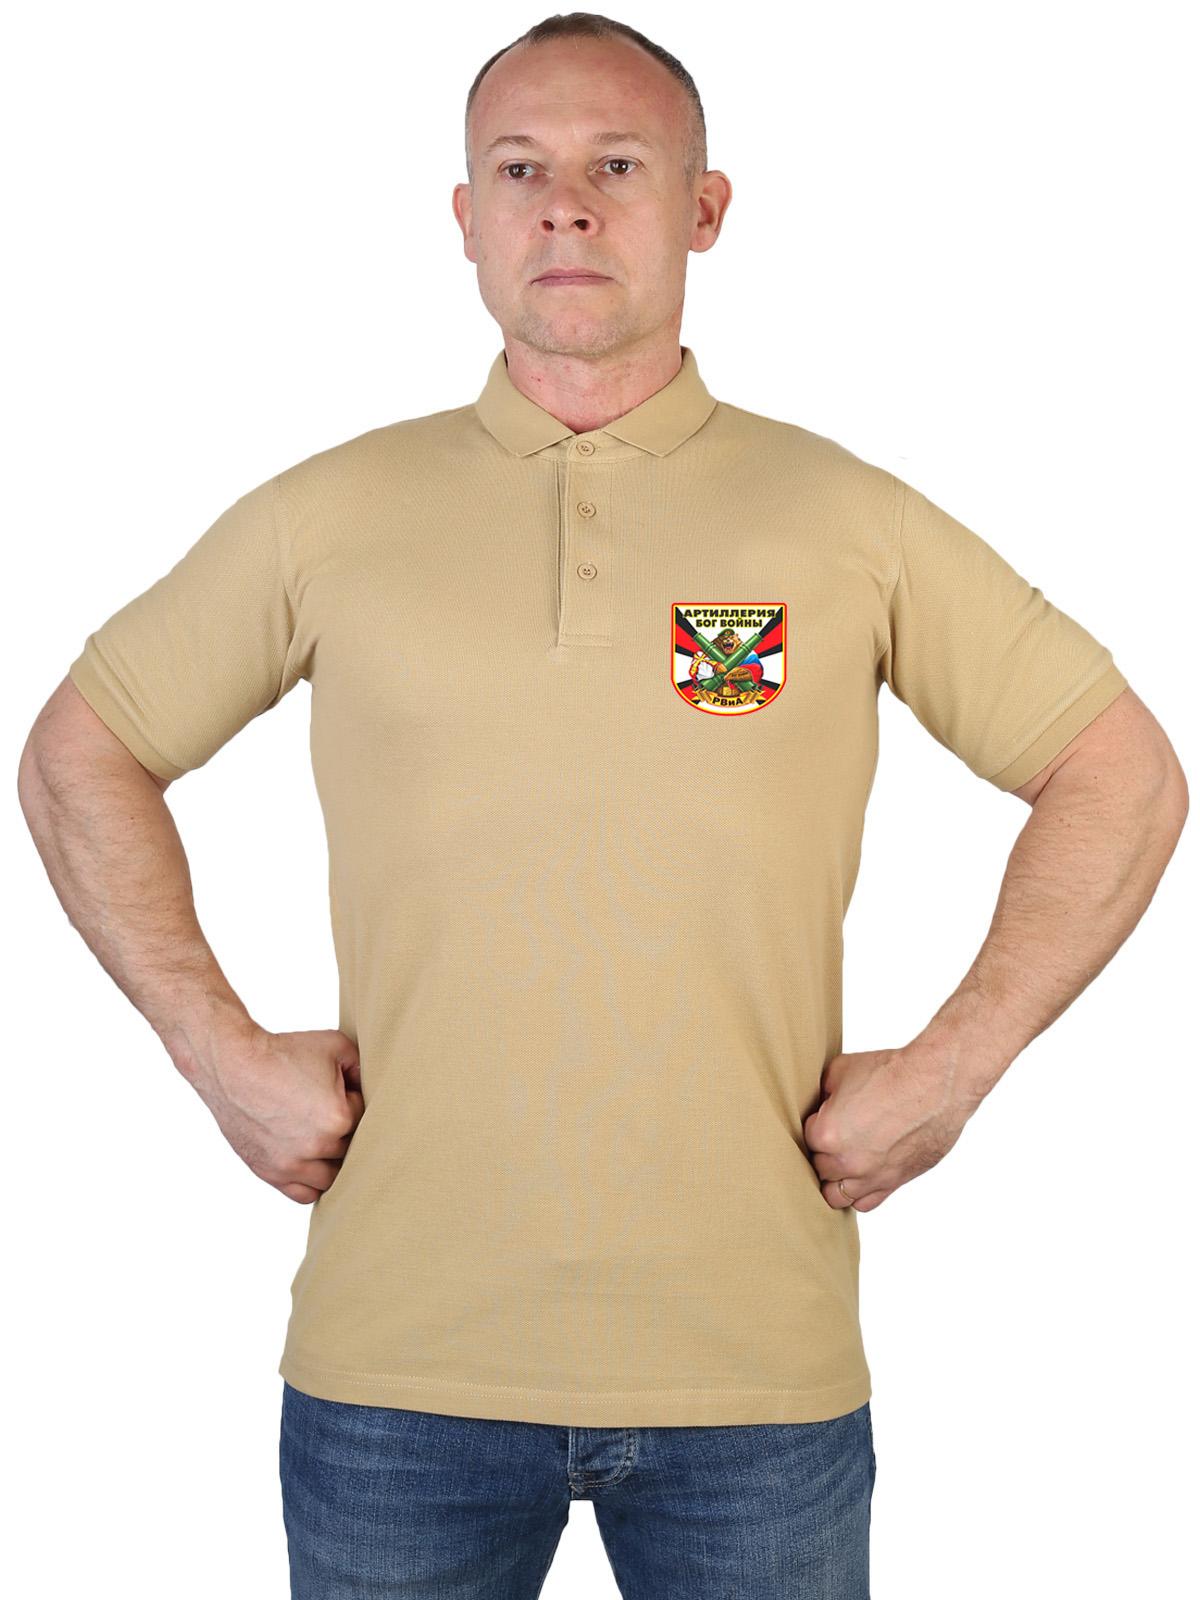 Купить надежную мужскую футболку-поло с термонаклейкой РВиА в подарок